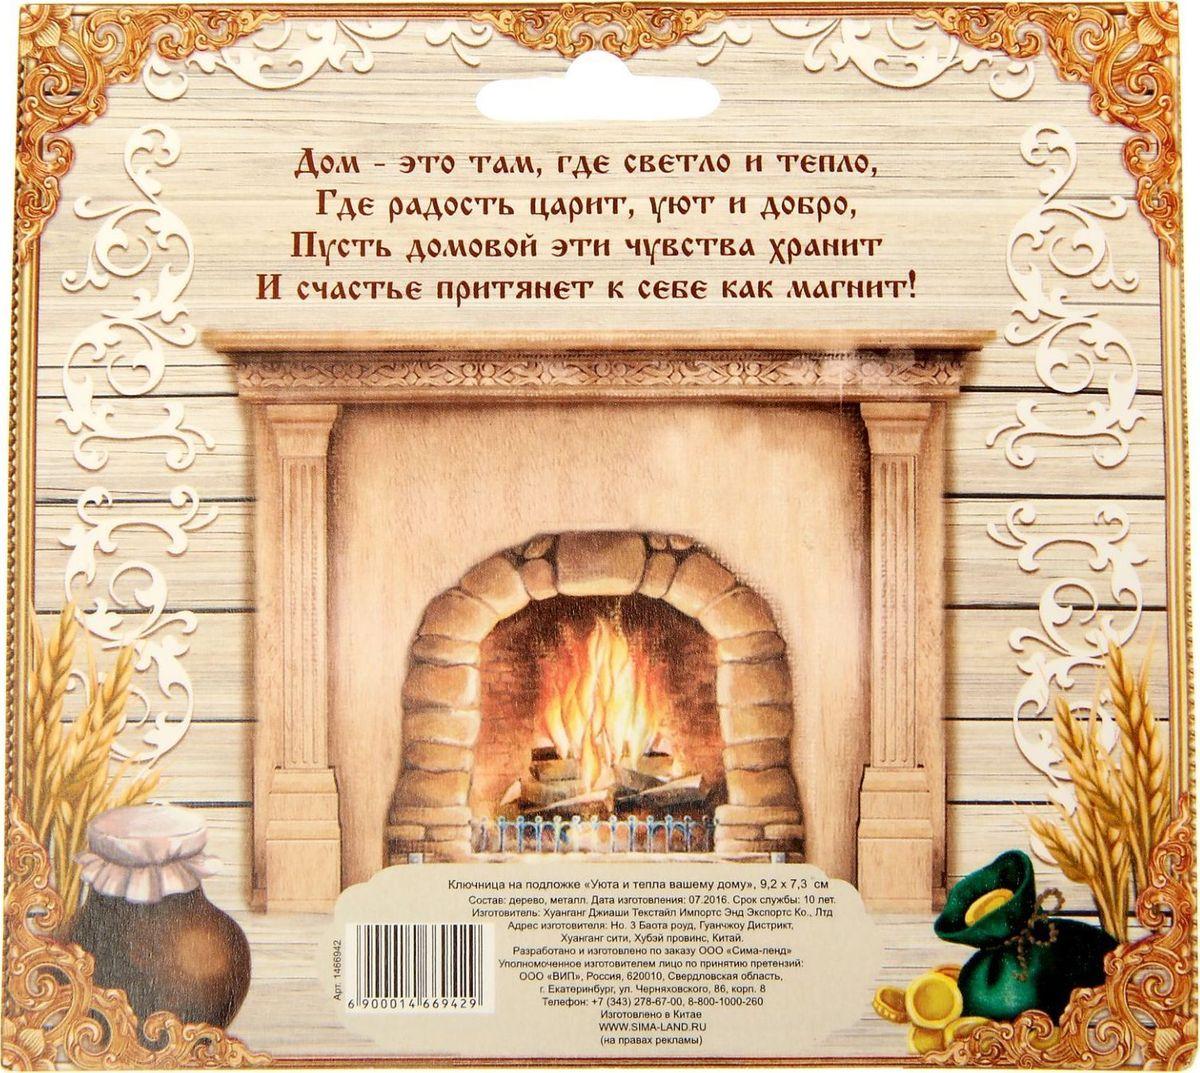 Поздравление о домашнем тепле и уюте